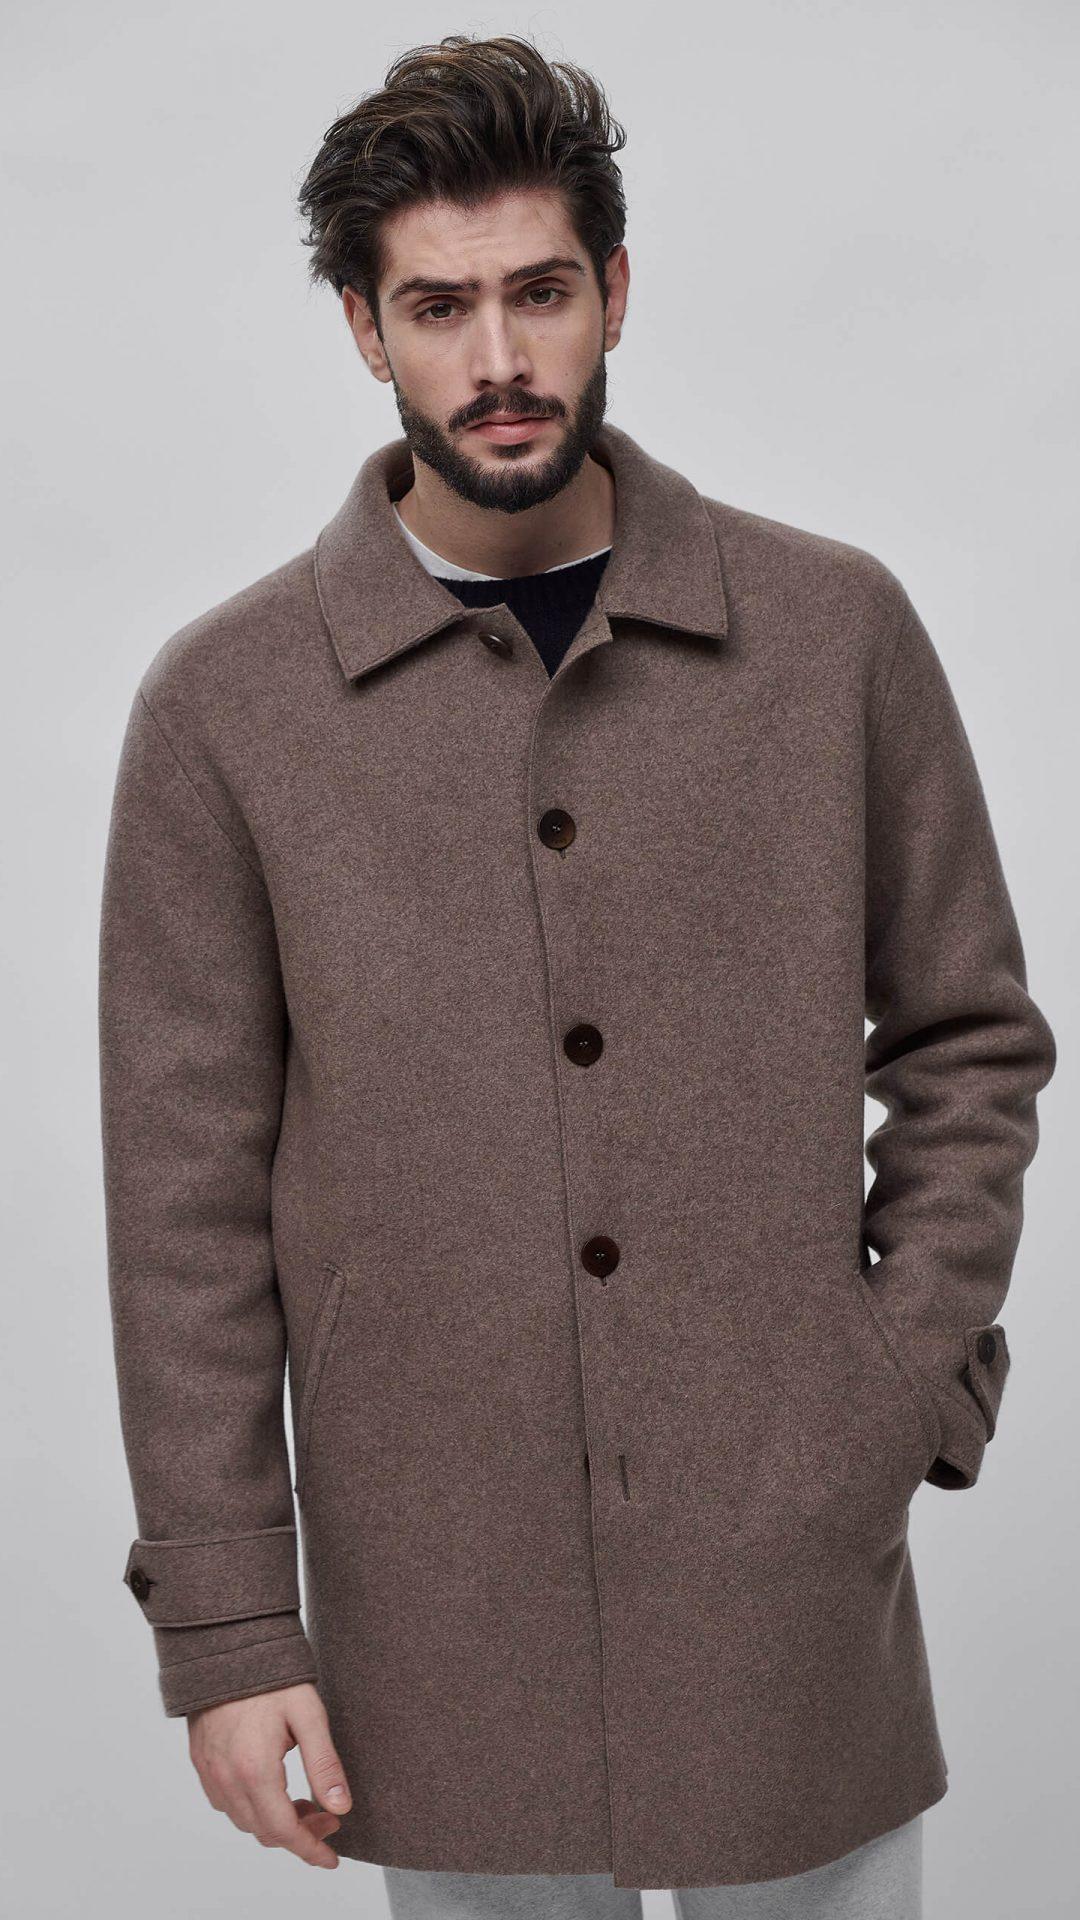 lunaria cashmere uomo - Fall Winter 21/22